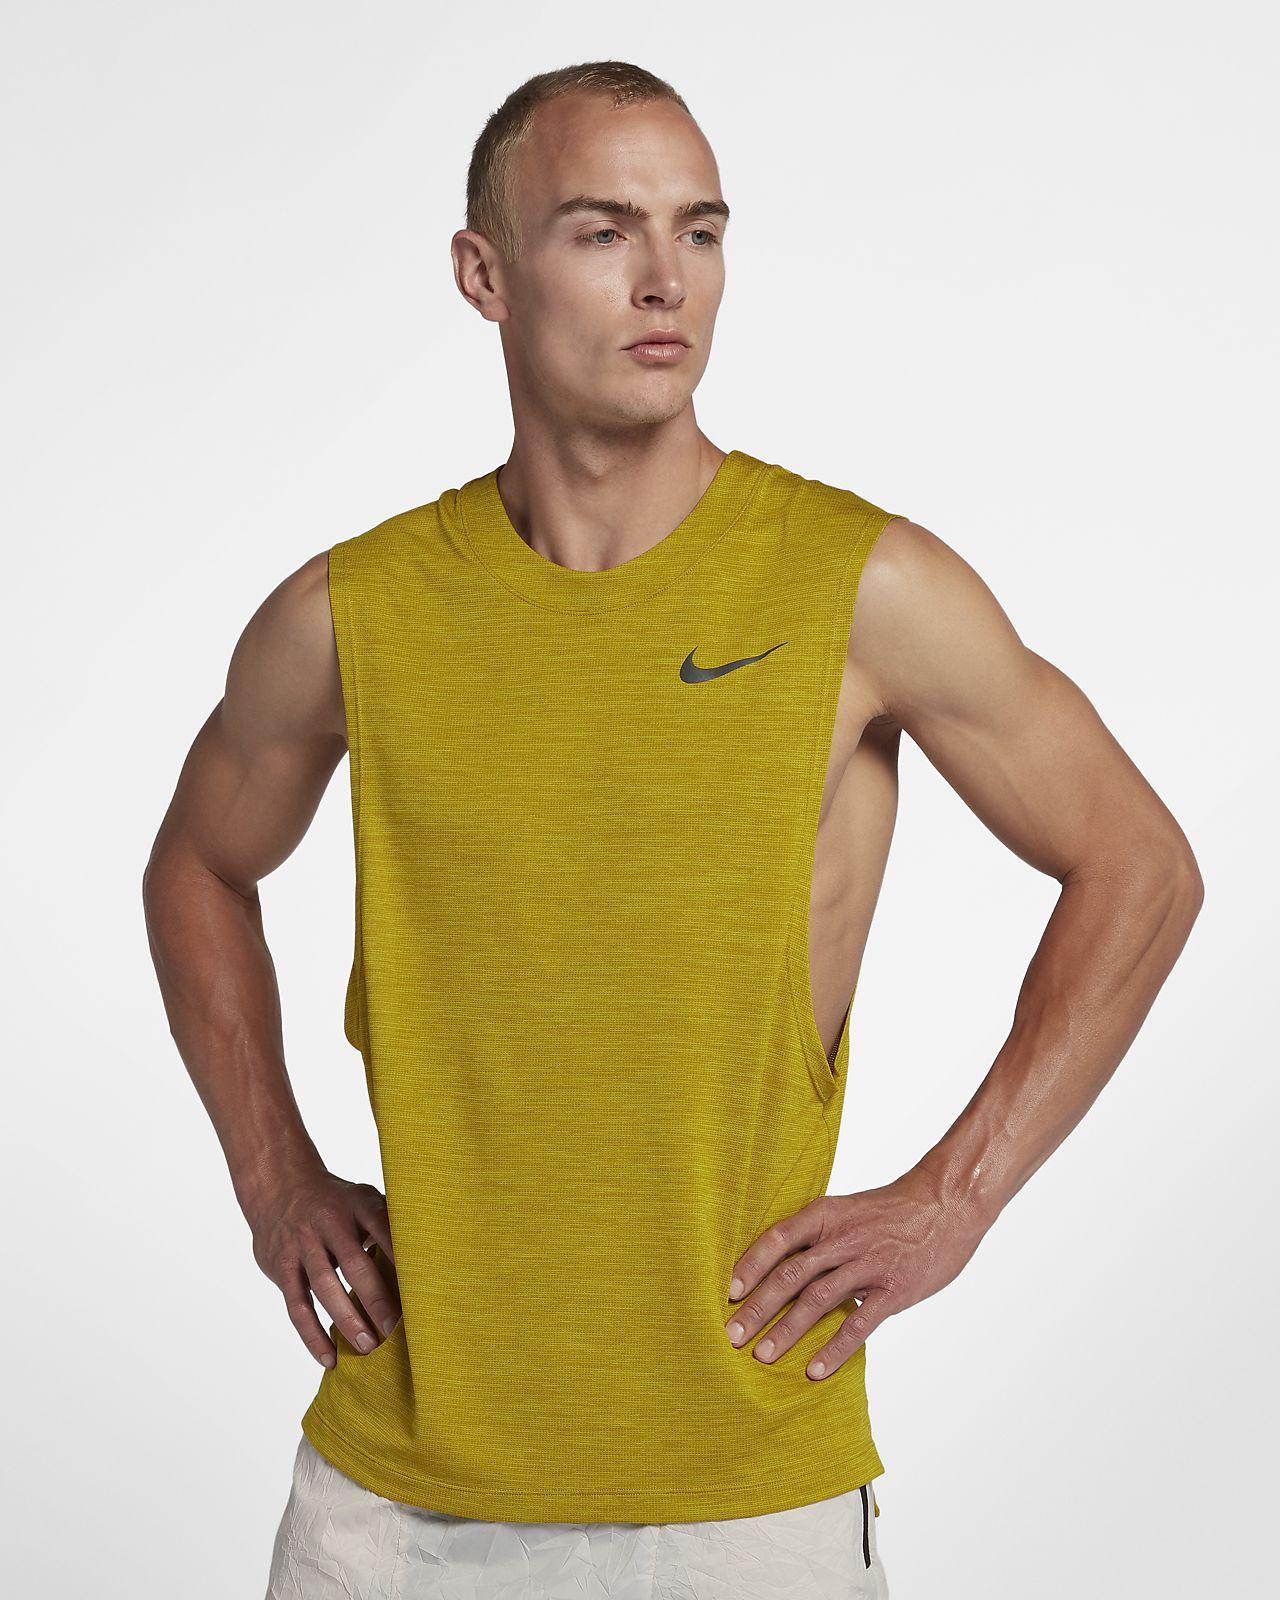 Nike Medalist Run Division 男子无袖跑步上衣